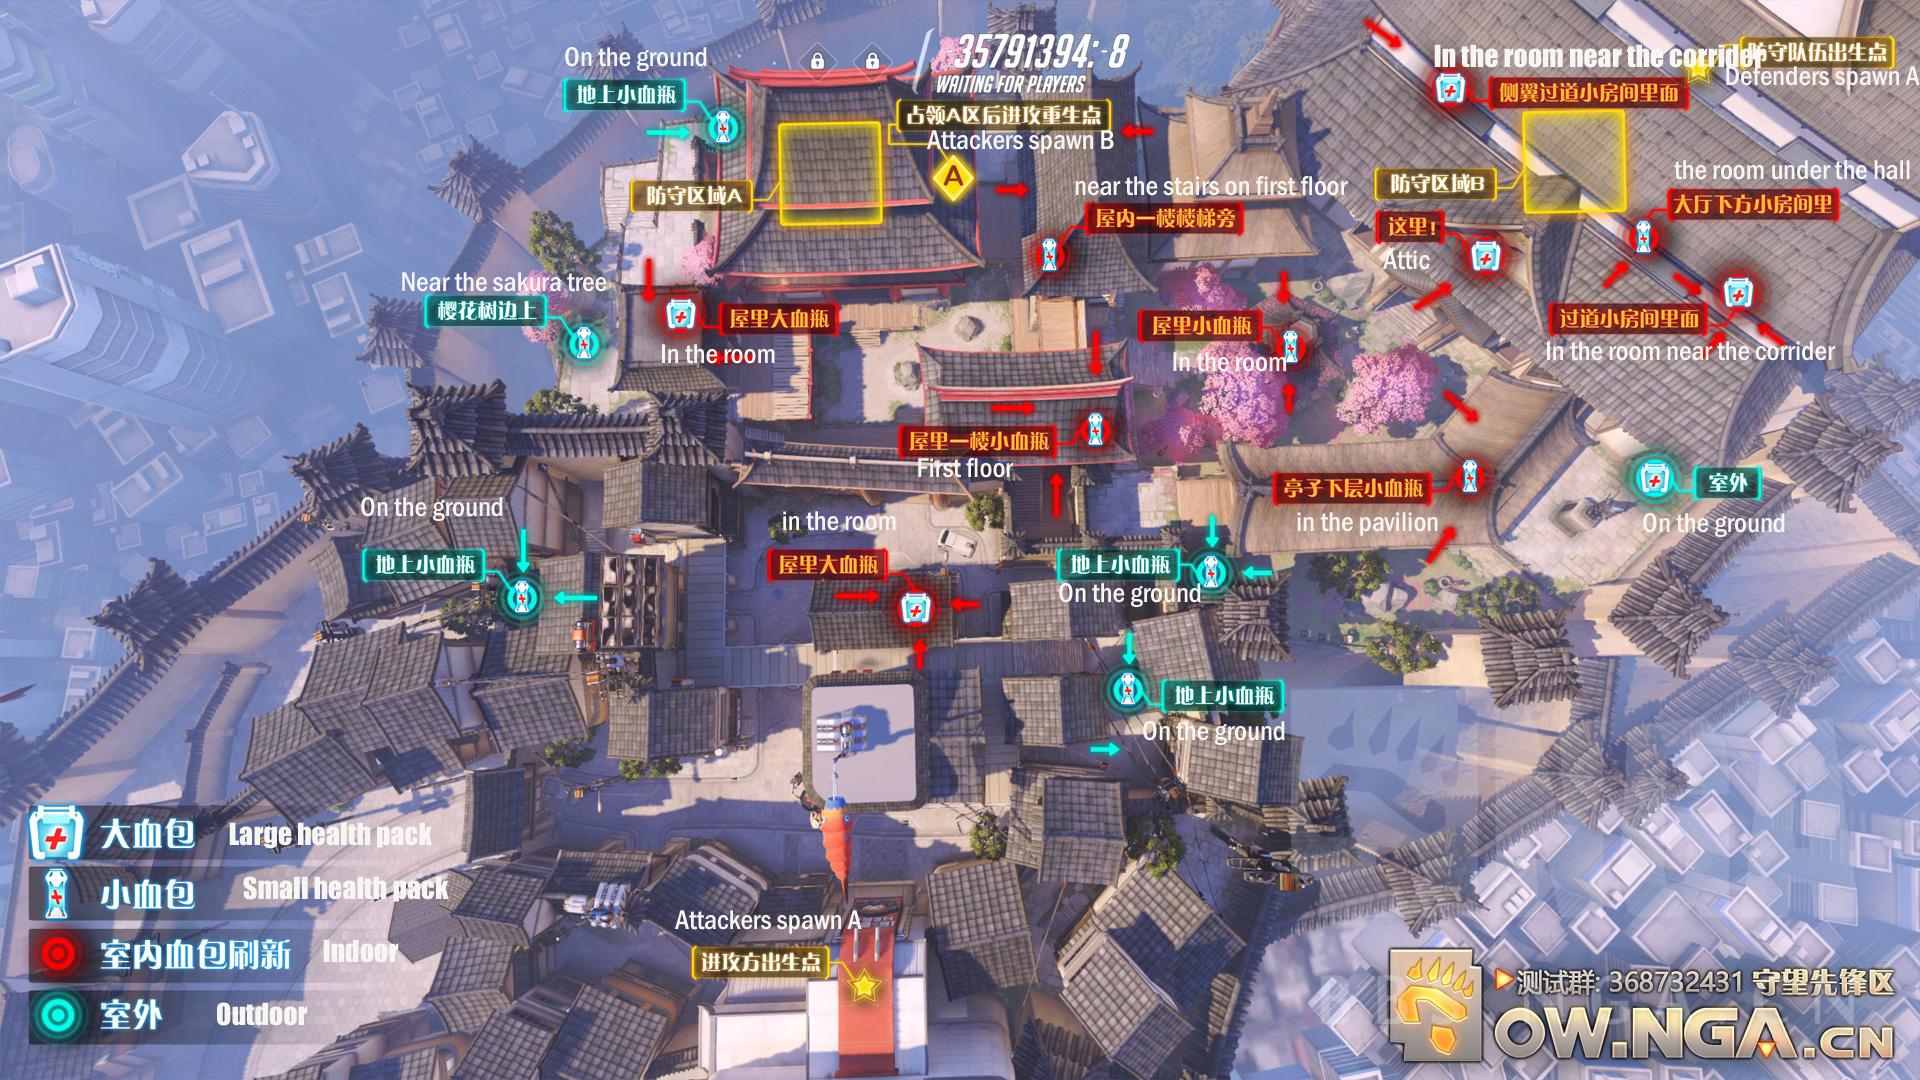 Image mei portrait png overwatch wiki fandom powered by wikia - Hanamura Overhead Map